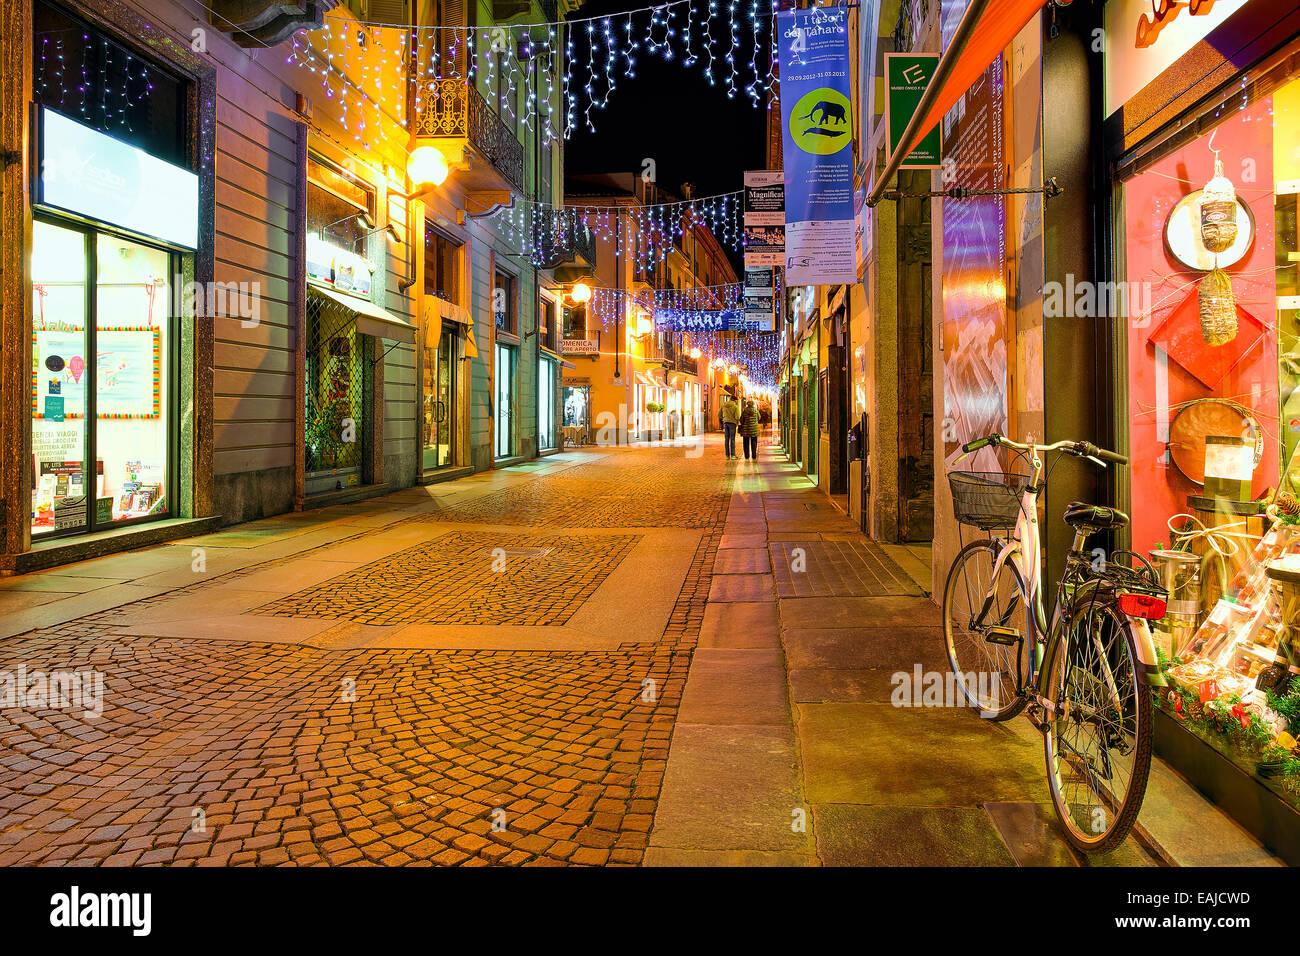 Strada pedonale nel centro storico di Alba in serata. Immagini Stock